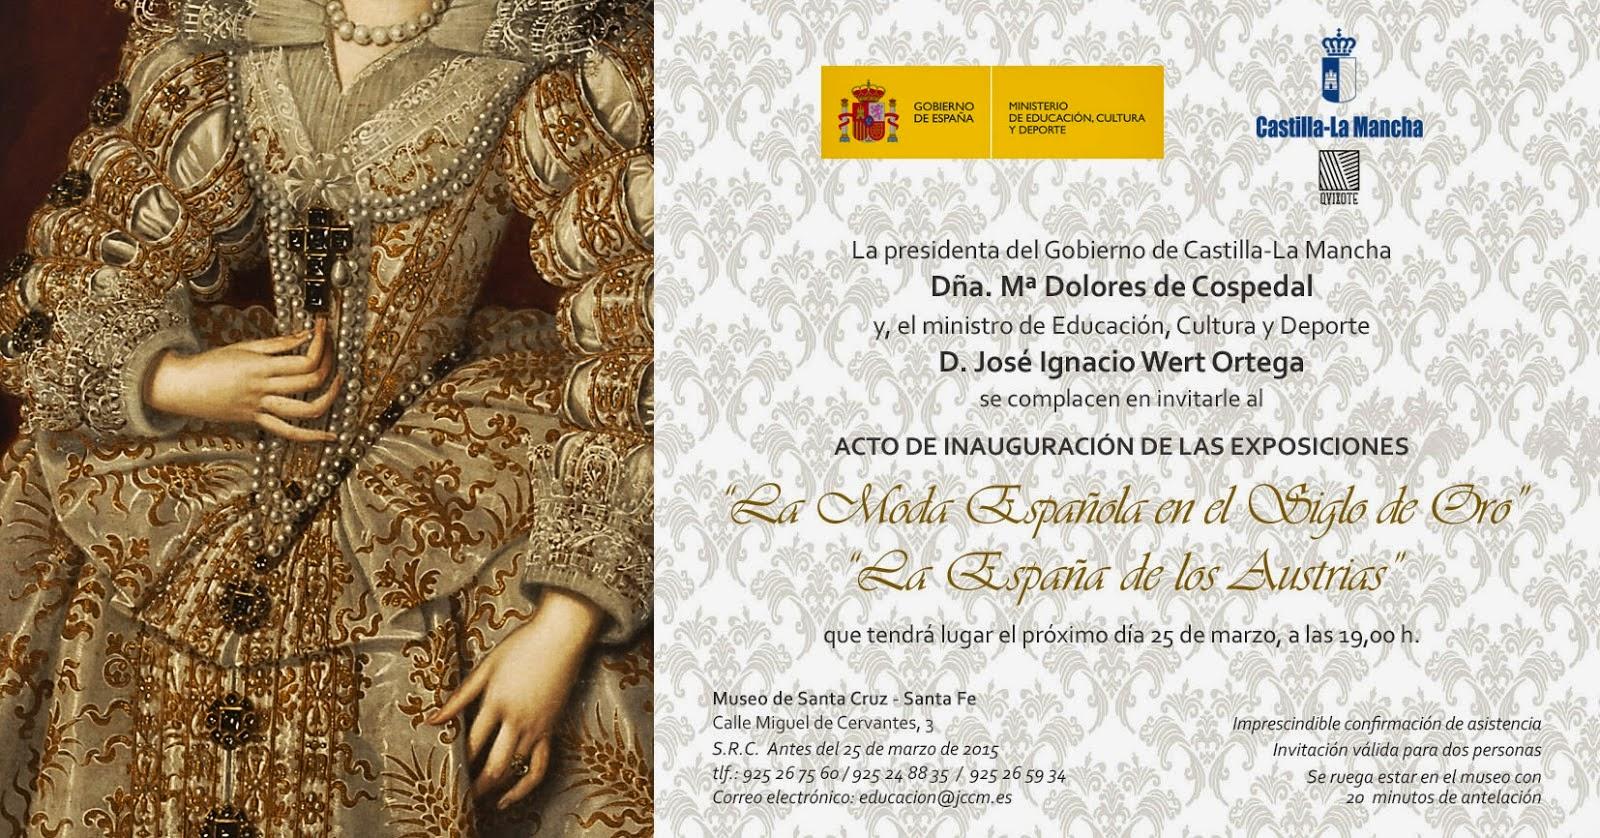 Museo de Santa Cruz Invitación